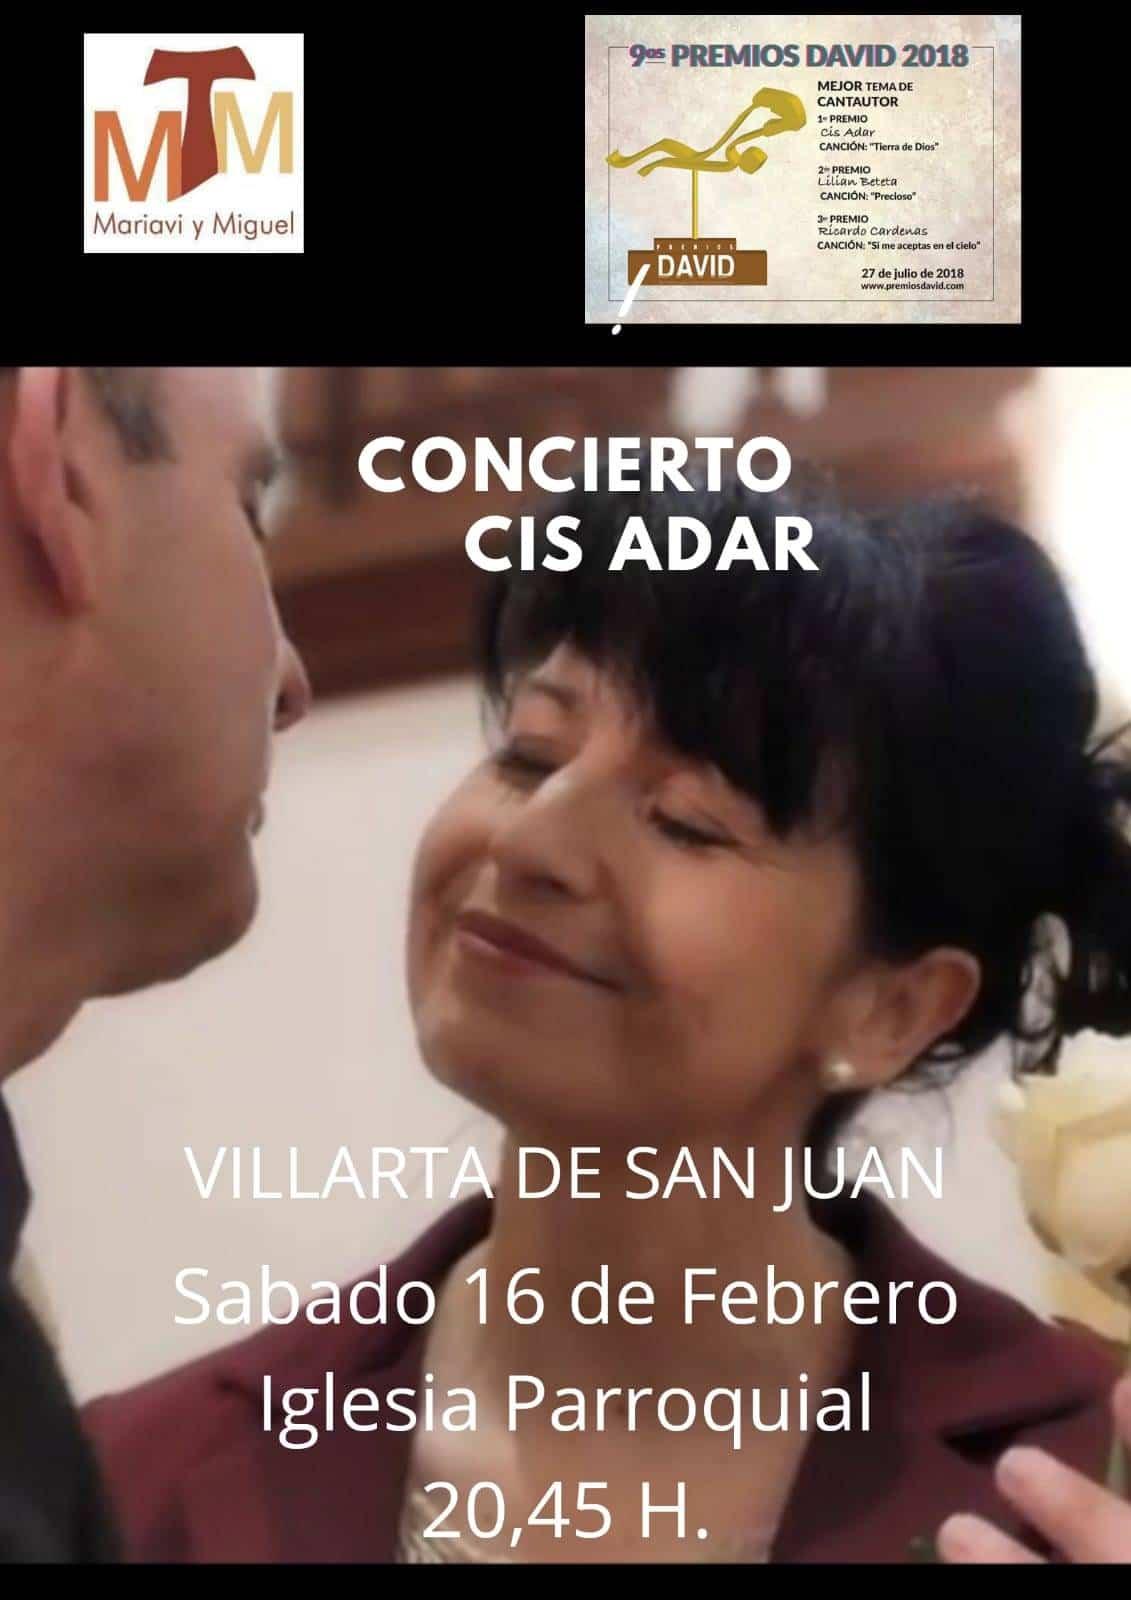 Miguel y Mariavi Cis Adar - Miguel y Mariavi ofrecerán un recital de su último disco en Villarta de San Juan